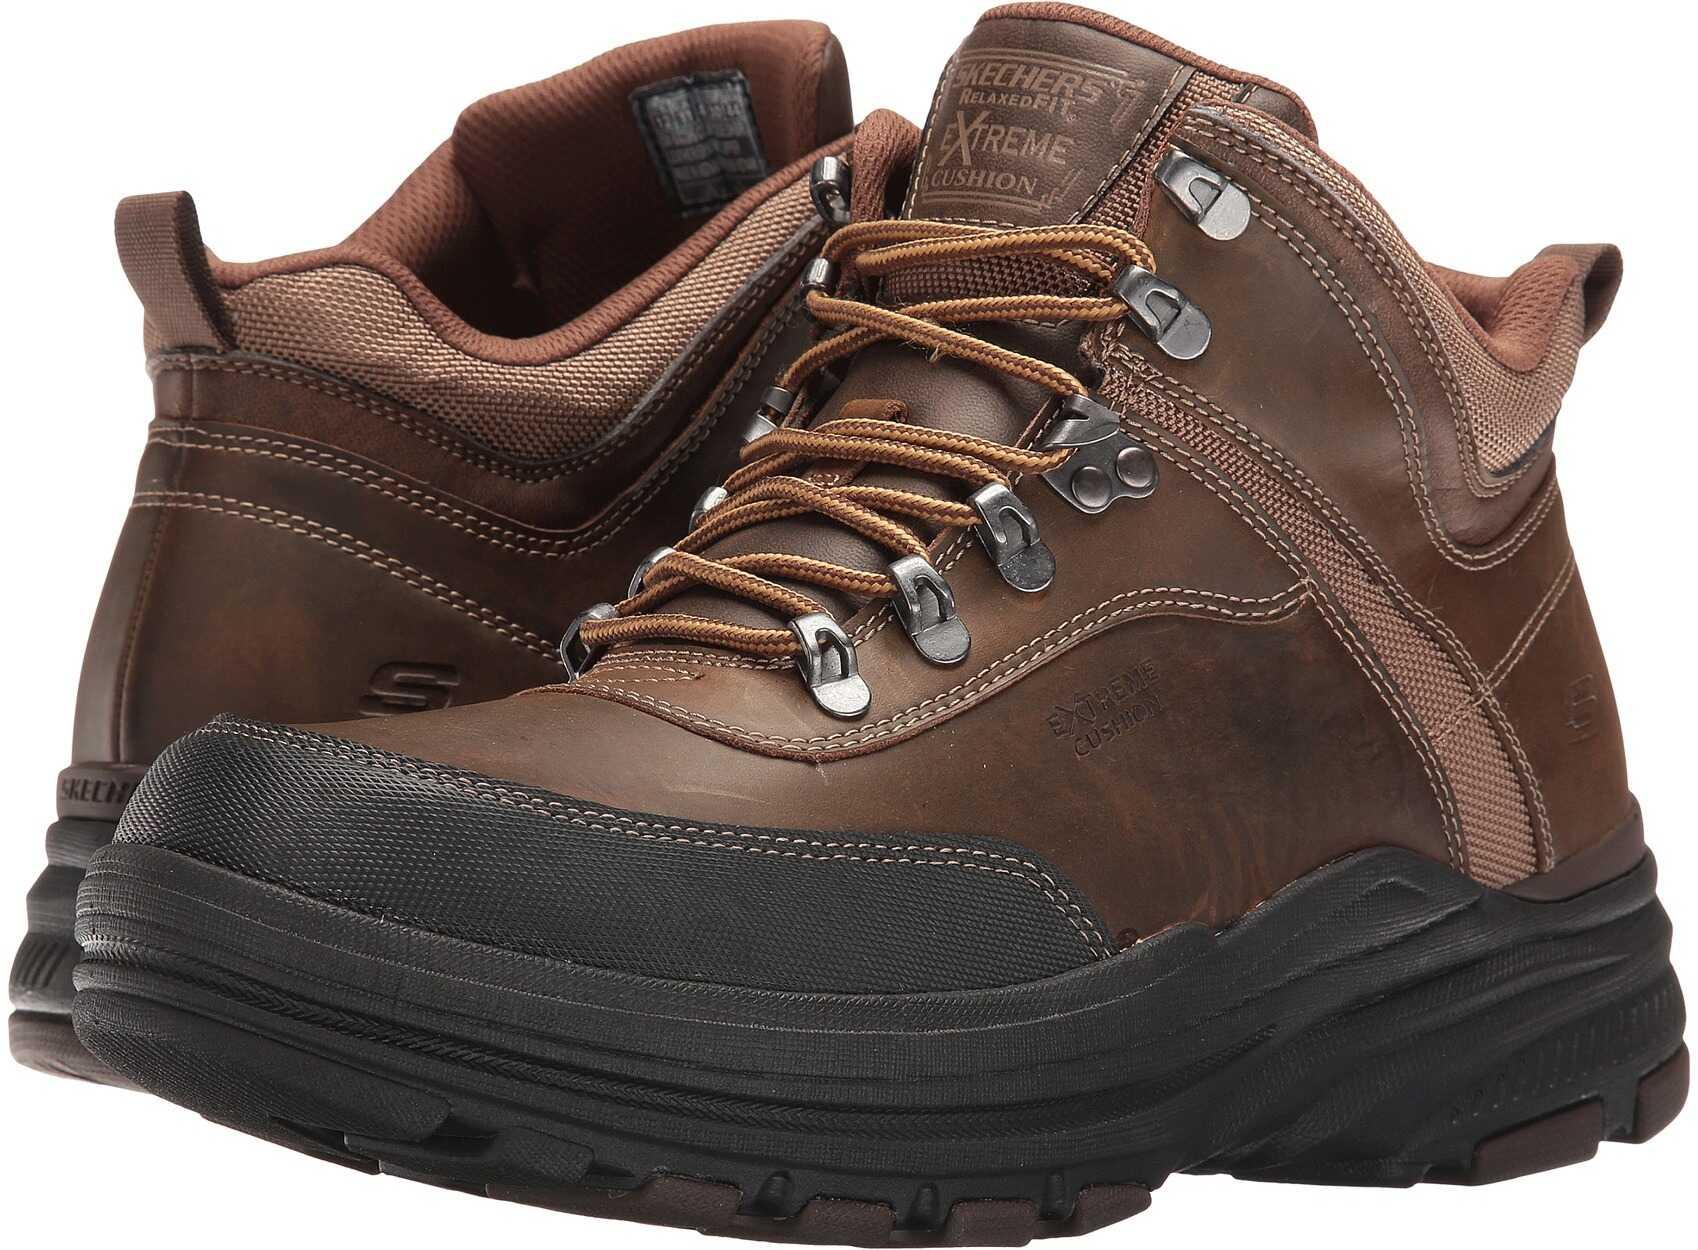 SKECHERS Relaxed Fit®: Holdren - Brenton Dark Brown Leather